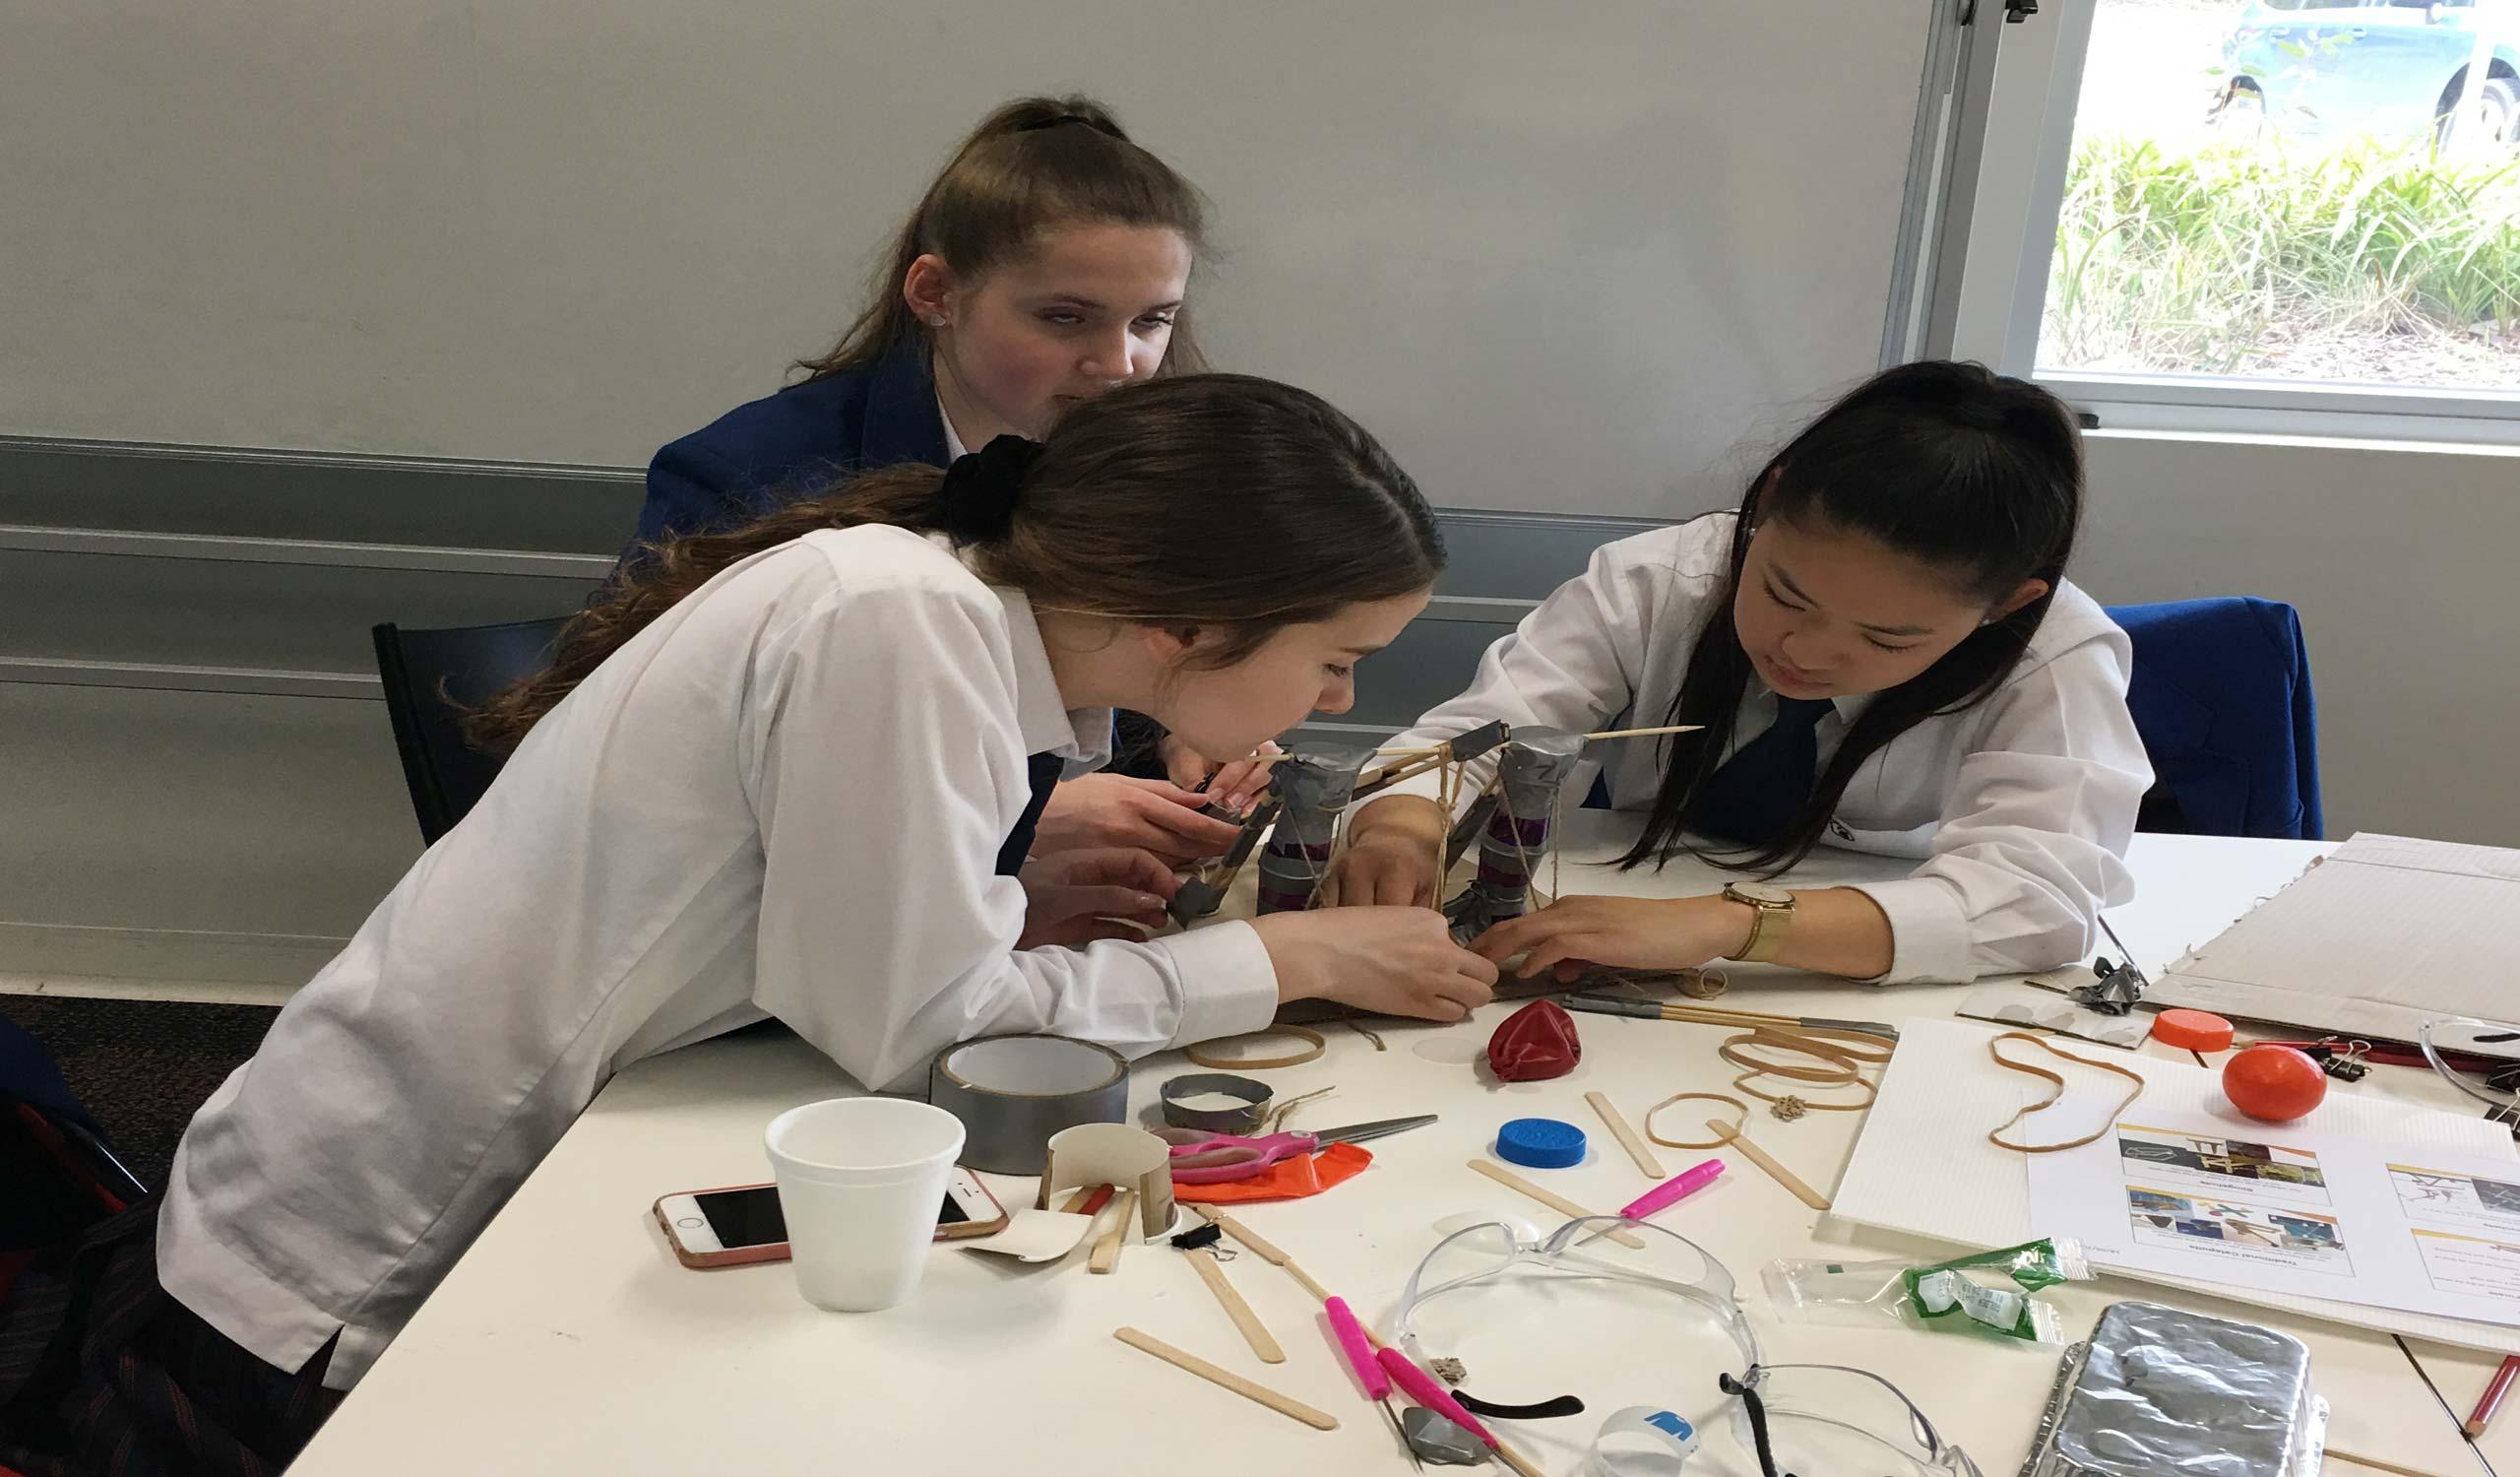 Inspiring-Women-in-STEM-4